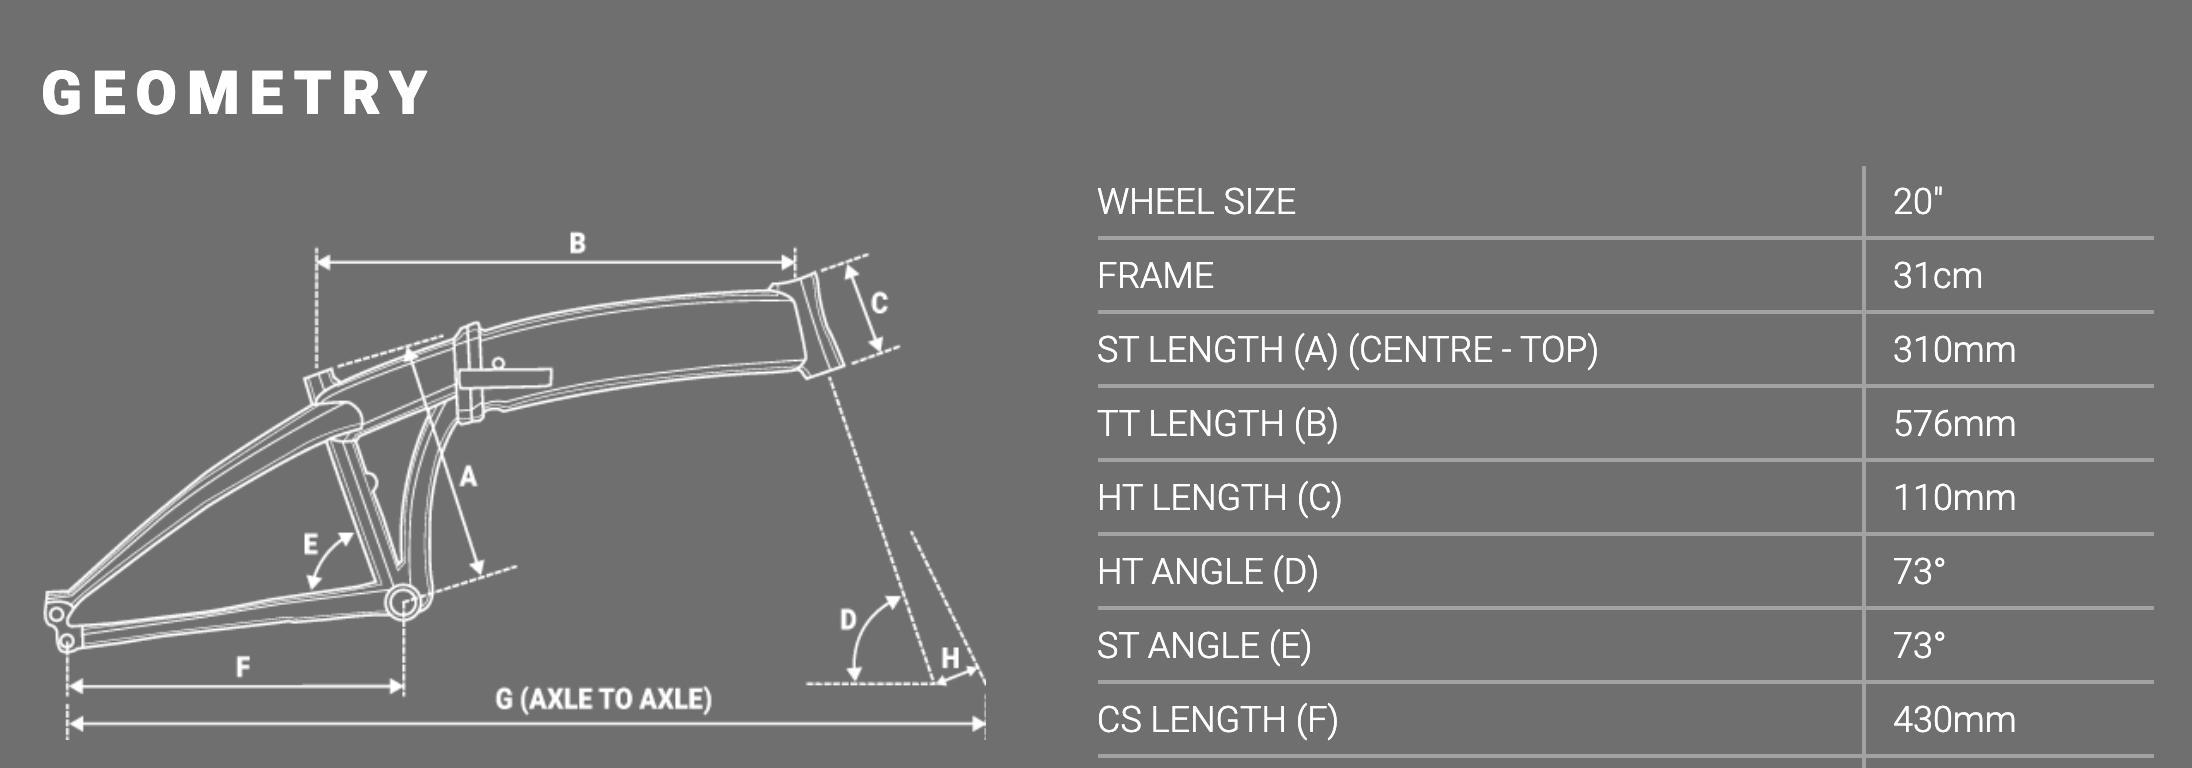 Forme Buxton Pro E Folding E-Bike Geometry Table